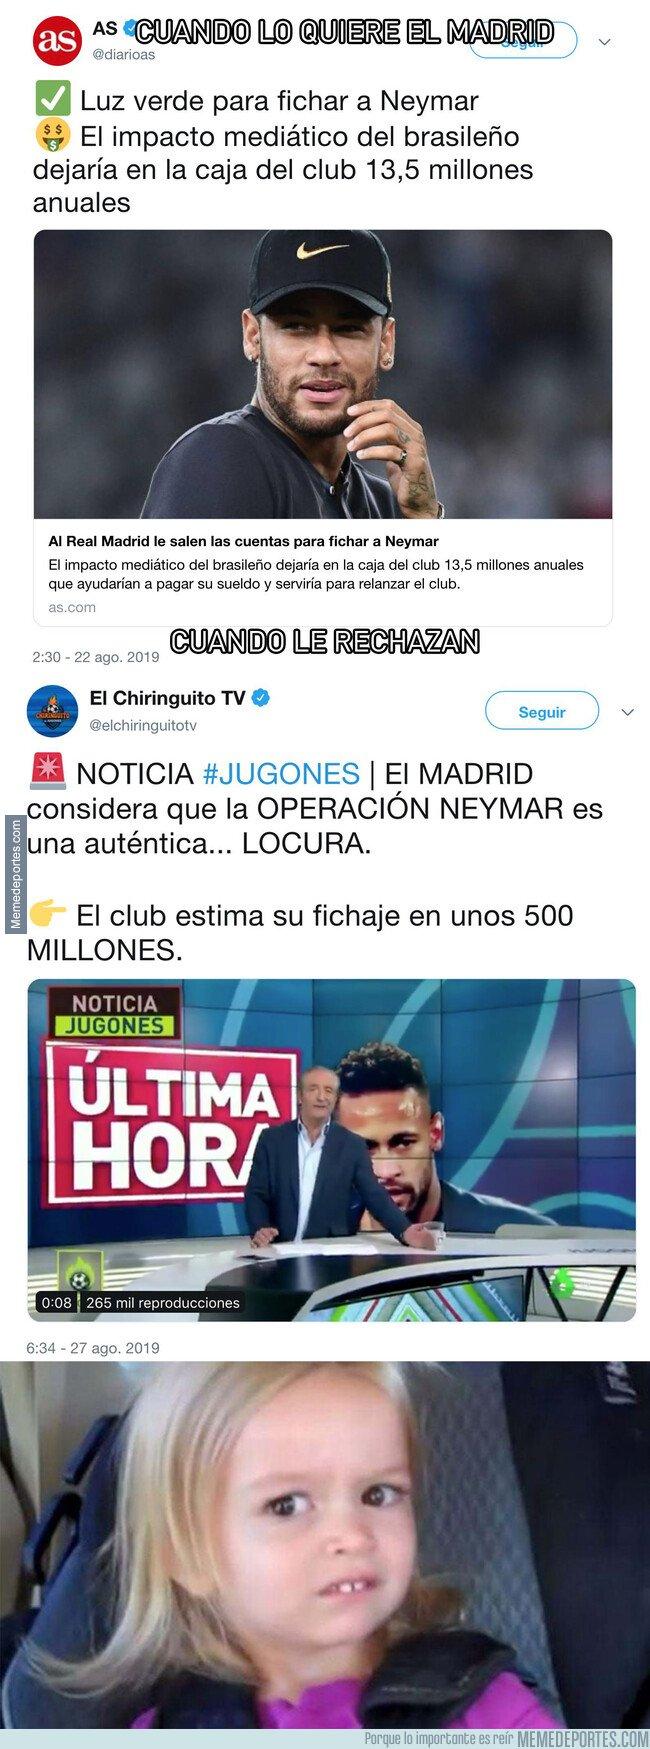 1084396 - El doble rasero increíble que hay en la prensa ahora que Neymar ha rechazado al Real Madrid